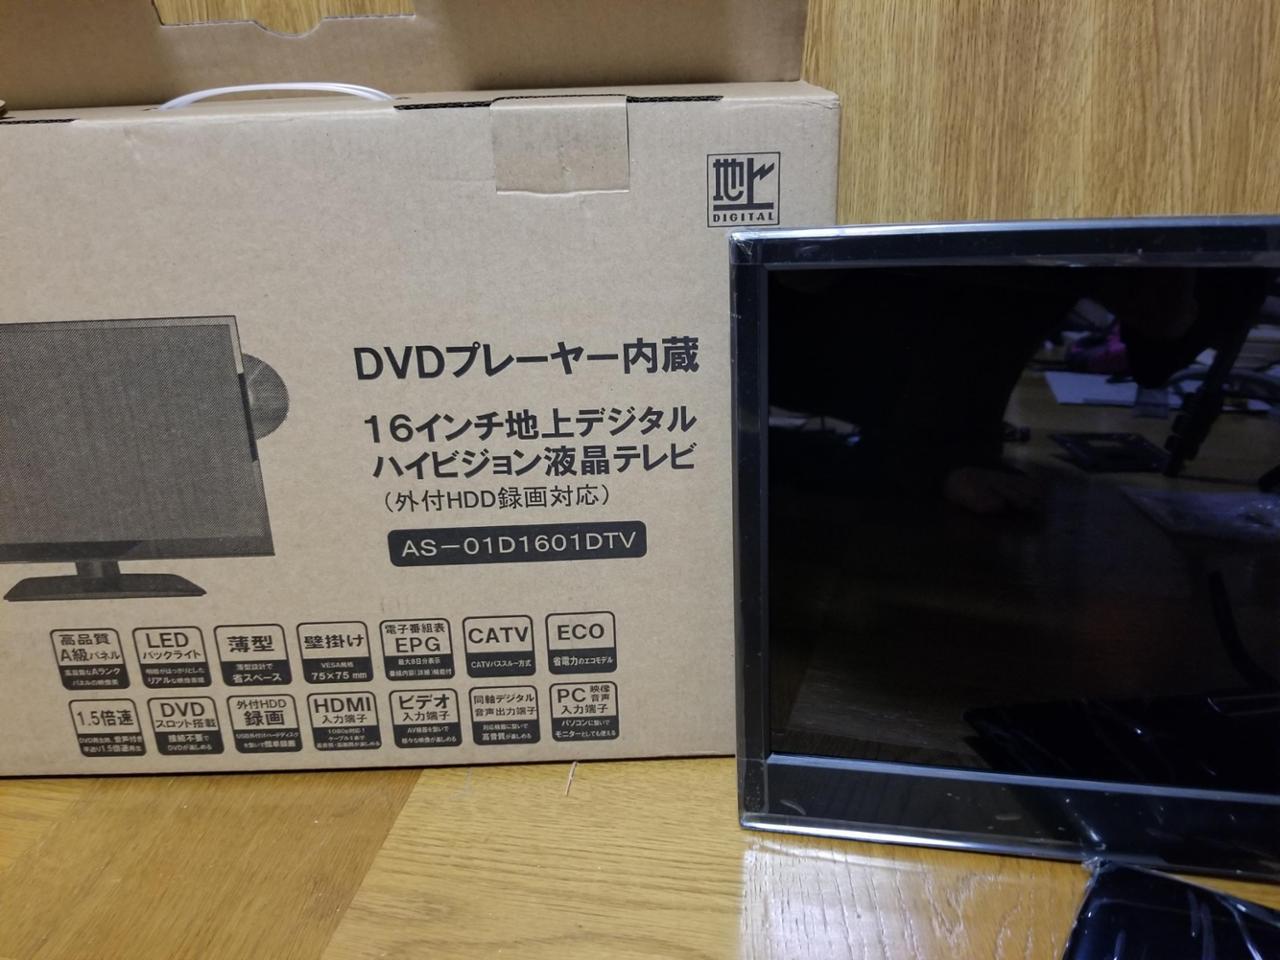 不明 16V型 ハイビジョン DVDプレーヤー内蔵 液晶テレビ